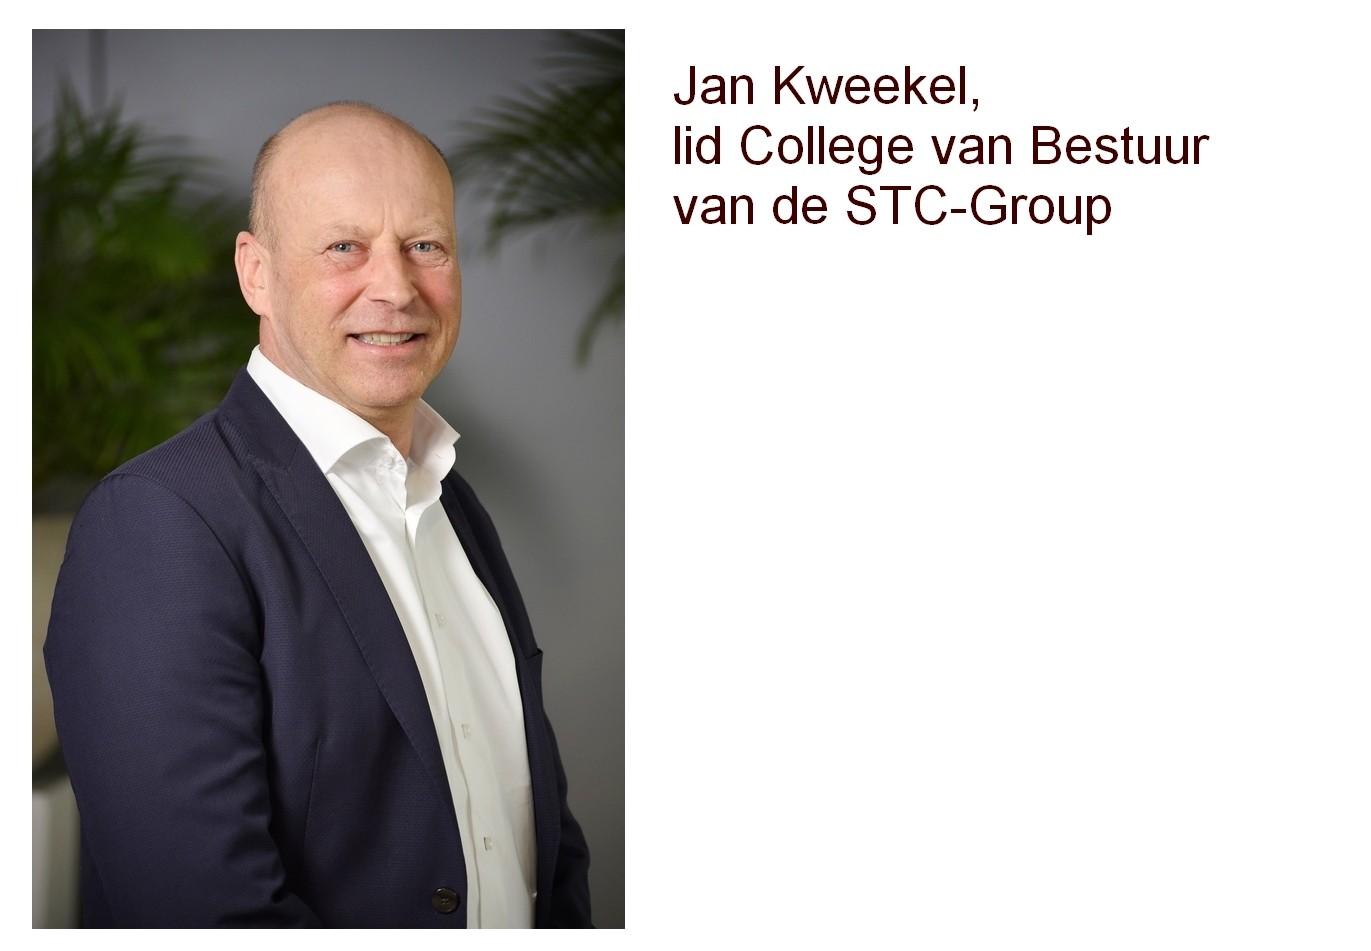 Jan Kweekel